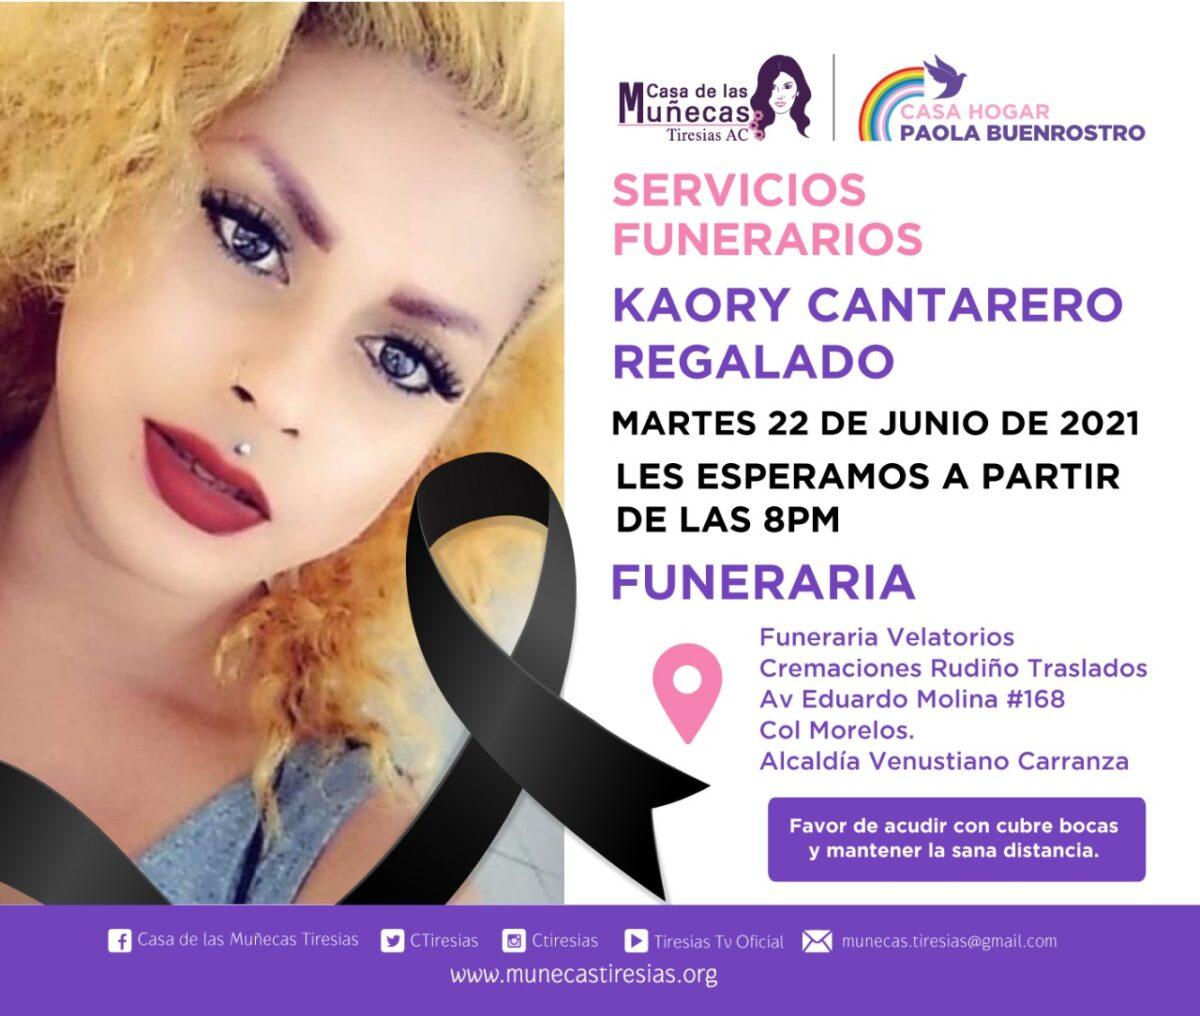 Kaory Cantarero mujer trans fallecida